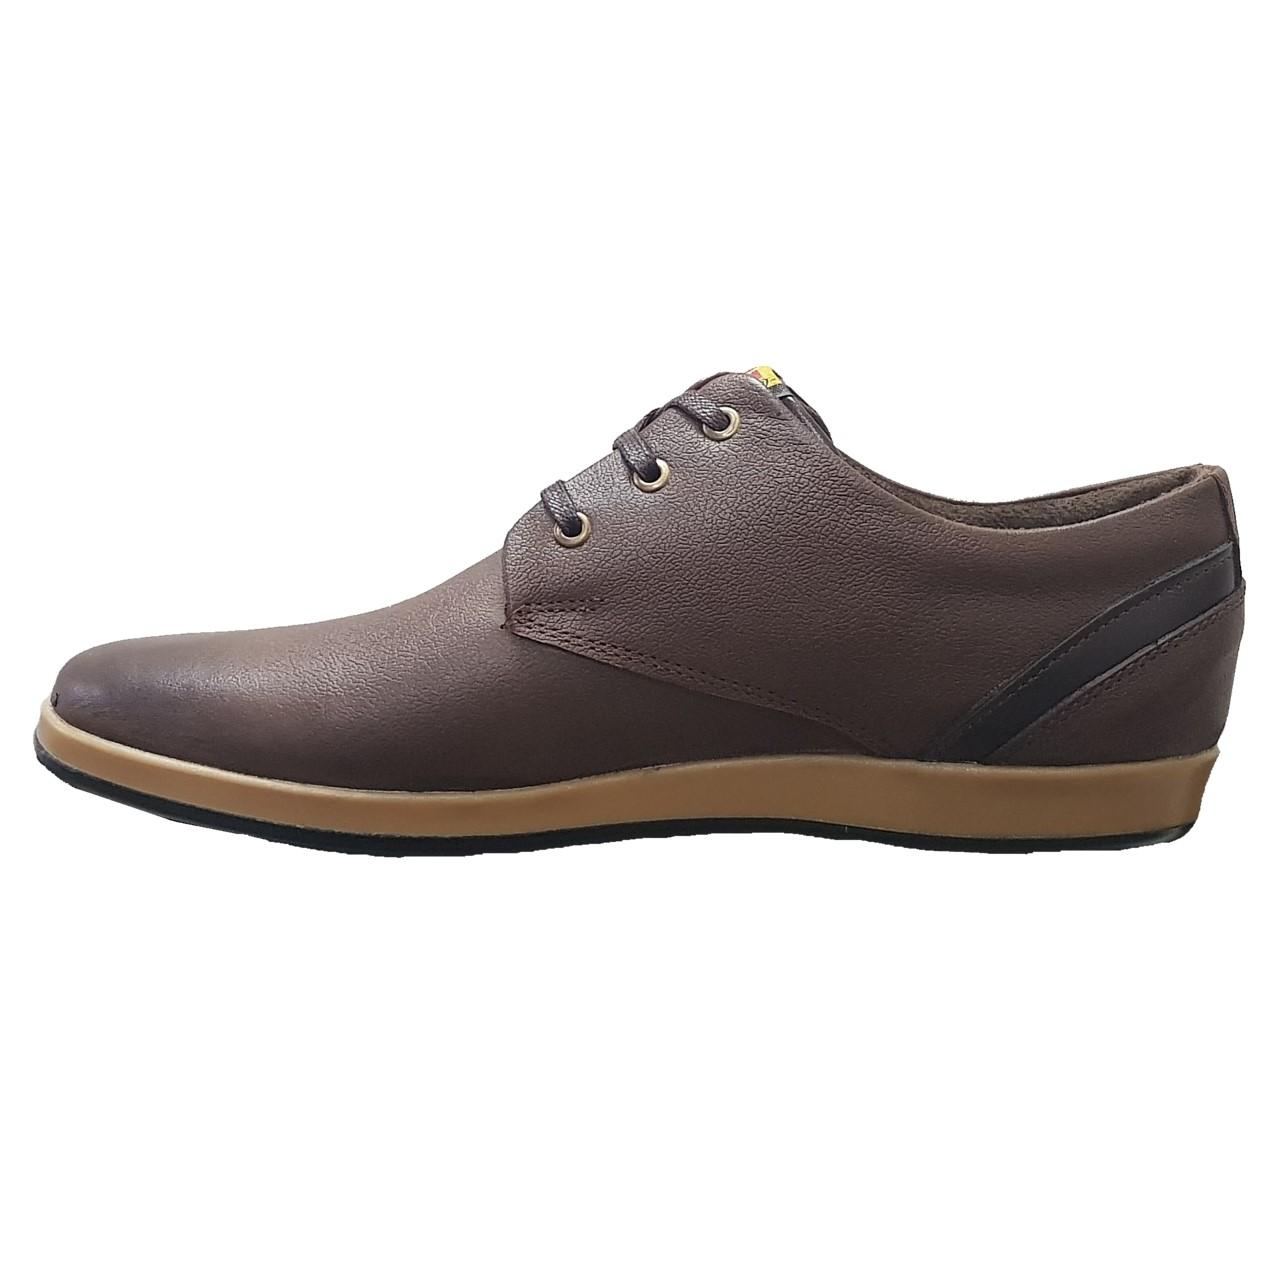 کفش مردانه مدل زامورا کد 1716